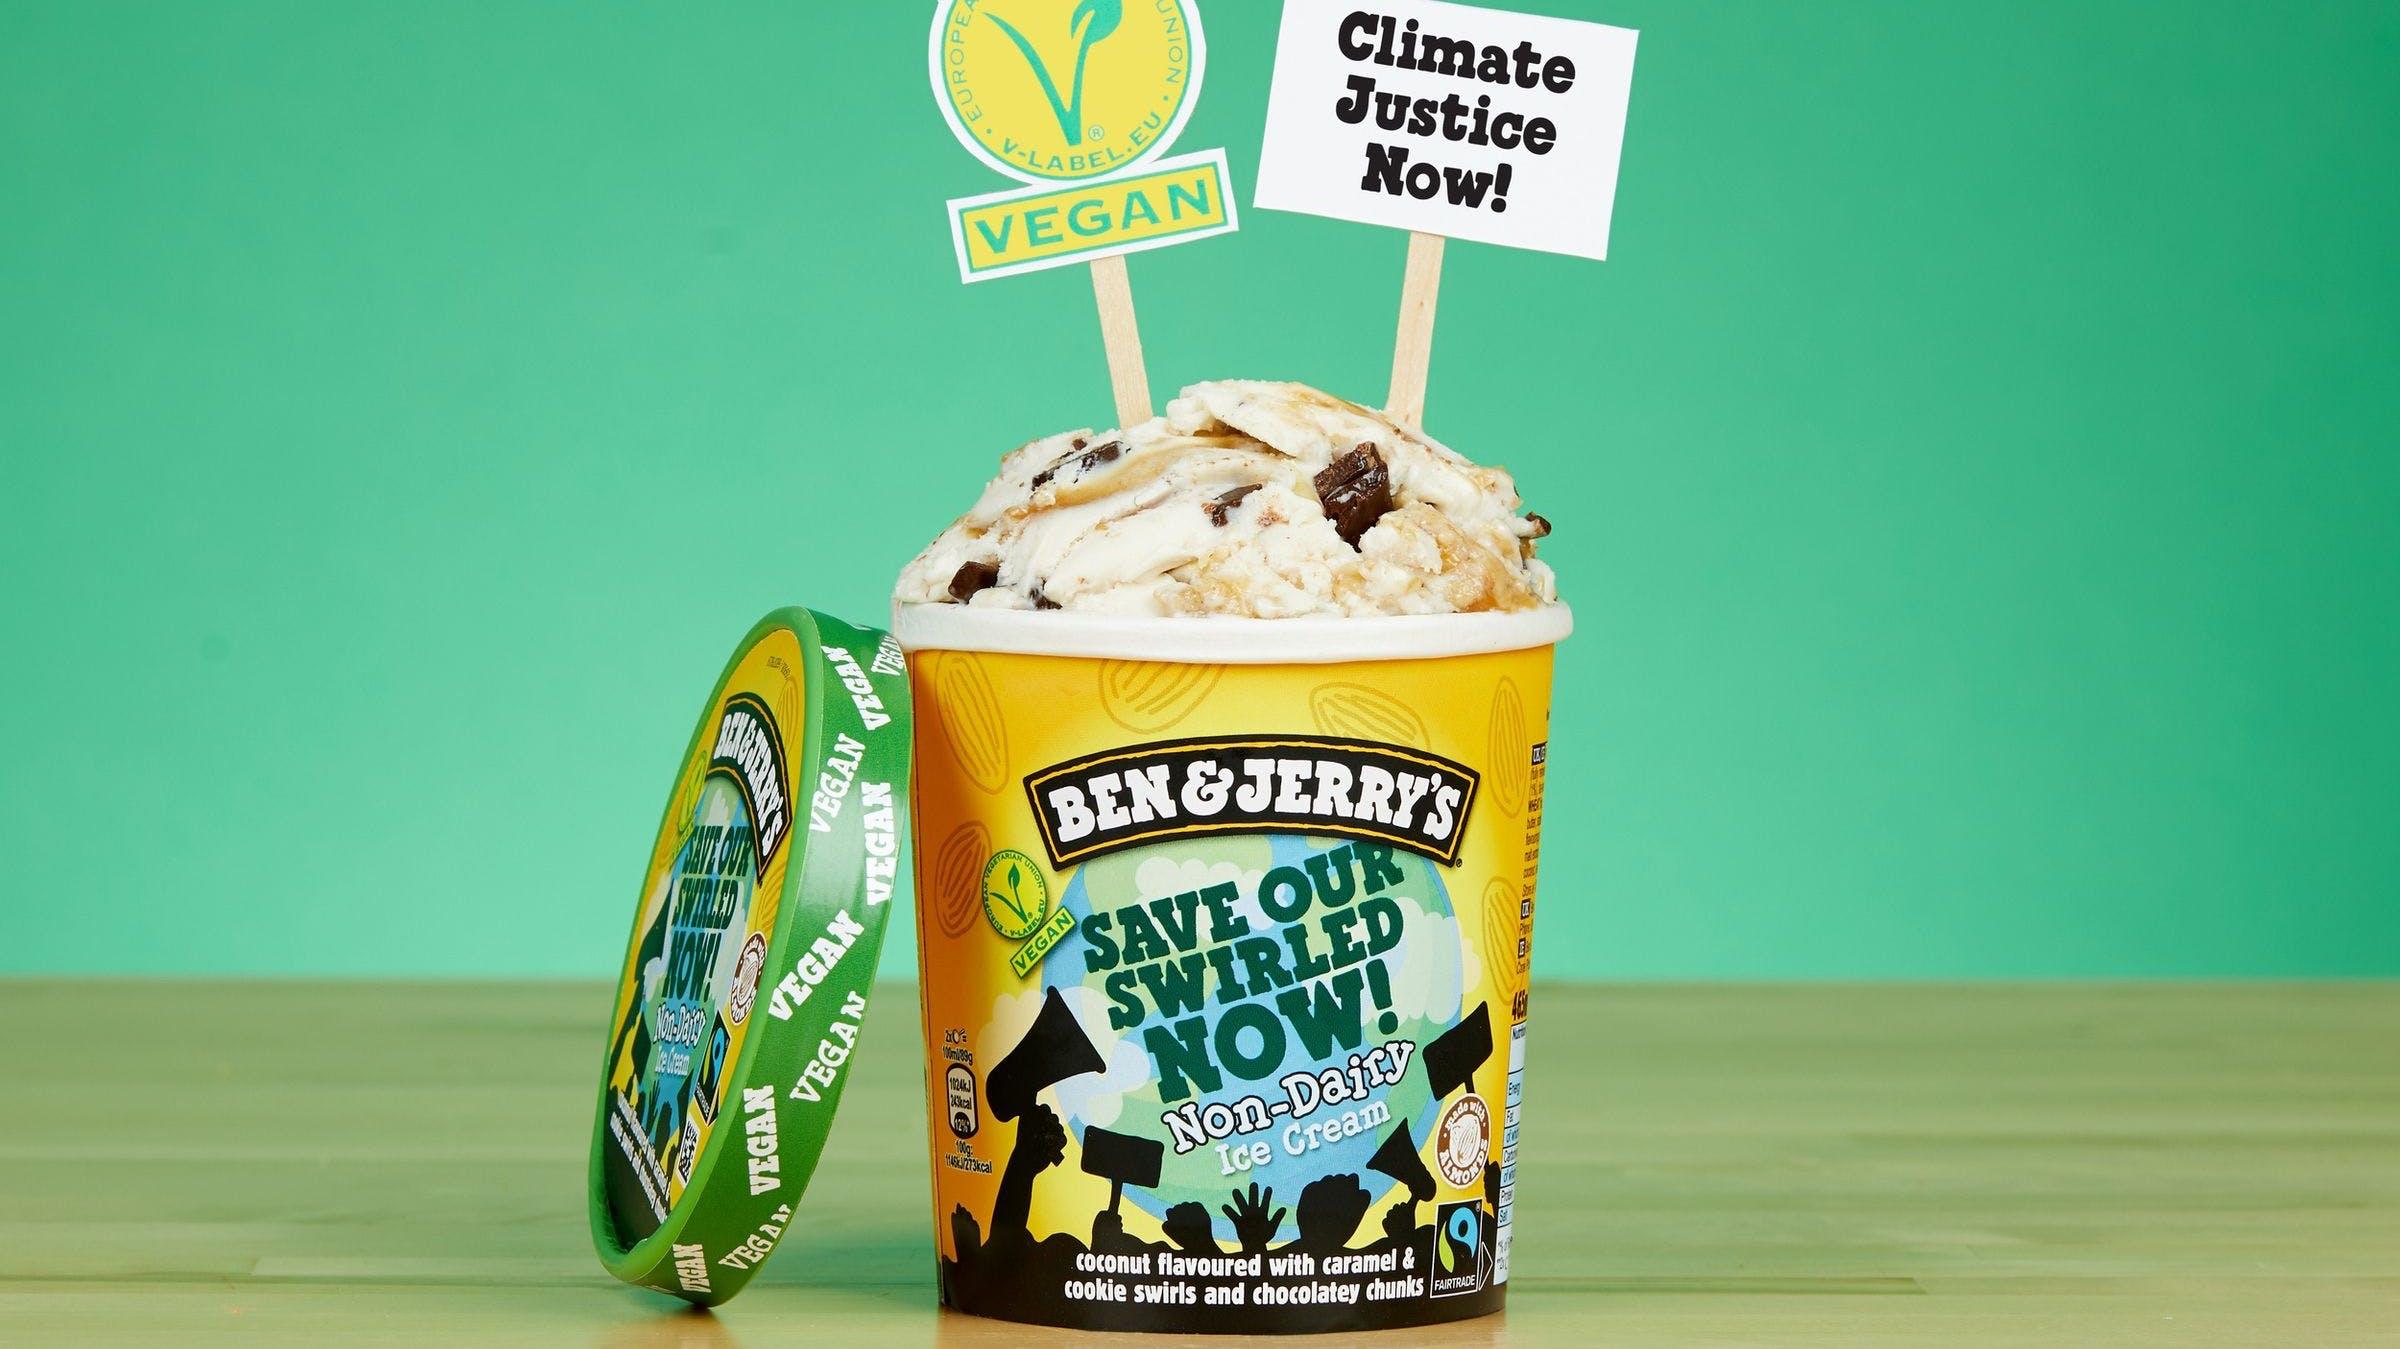 ben and jerry's new vegan ice cream